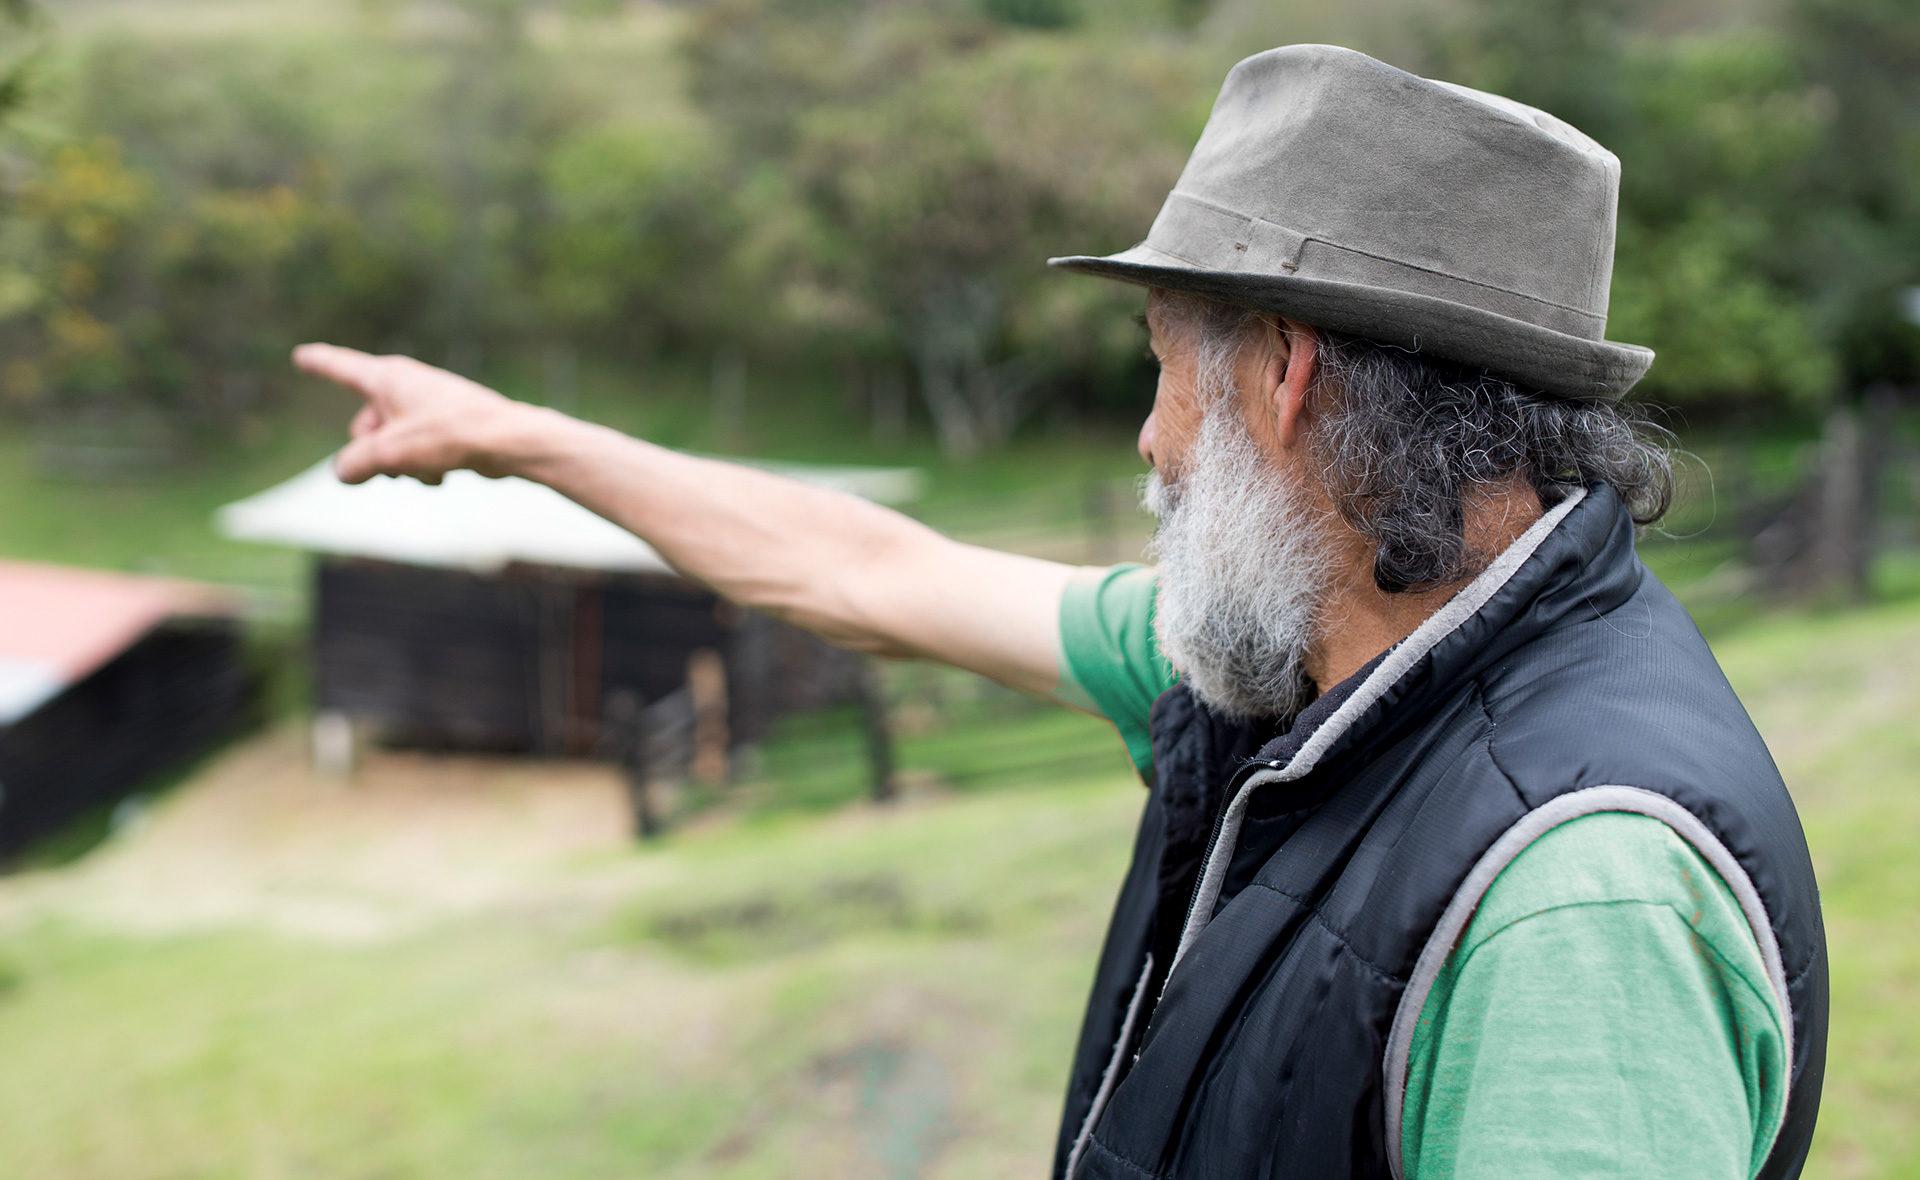 BBVA-pobreza-hombre-rural-latam-fundación-microfinanzas-